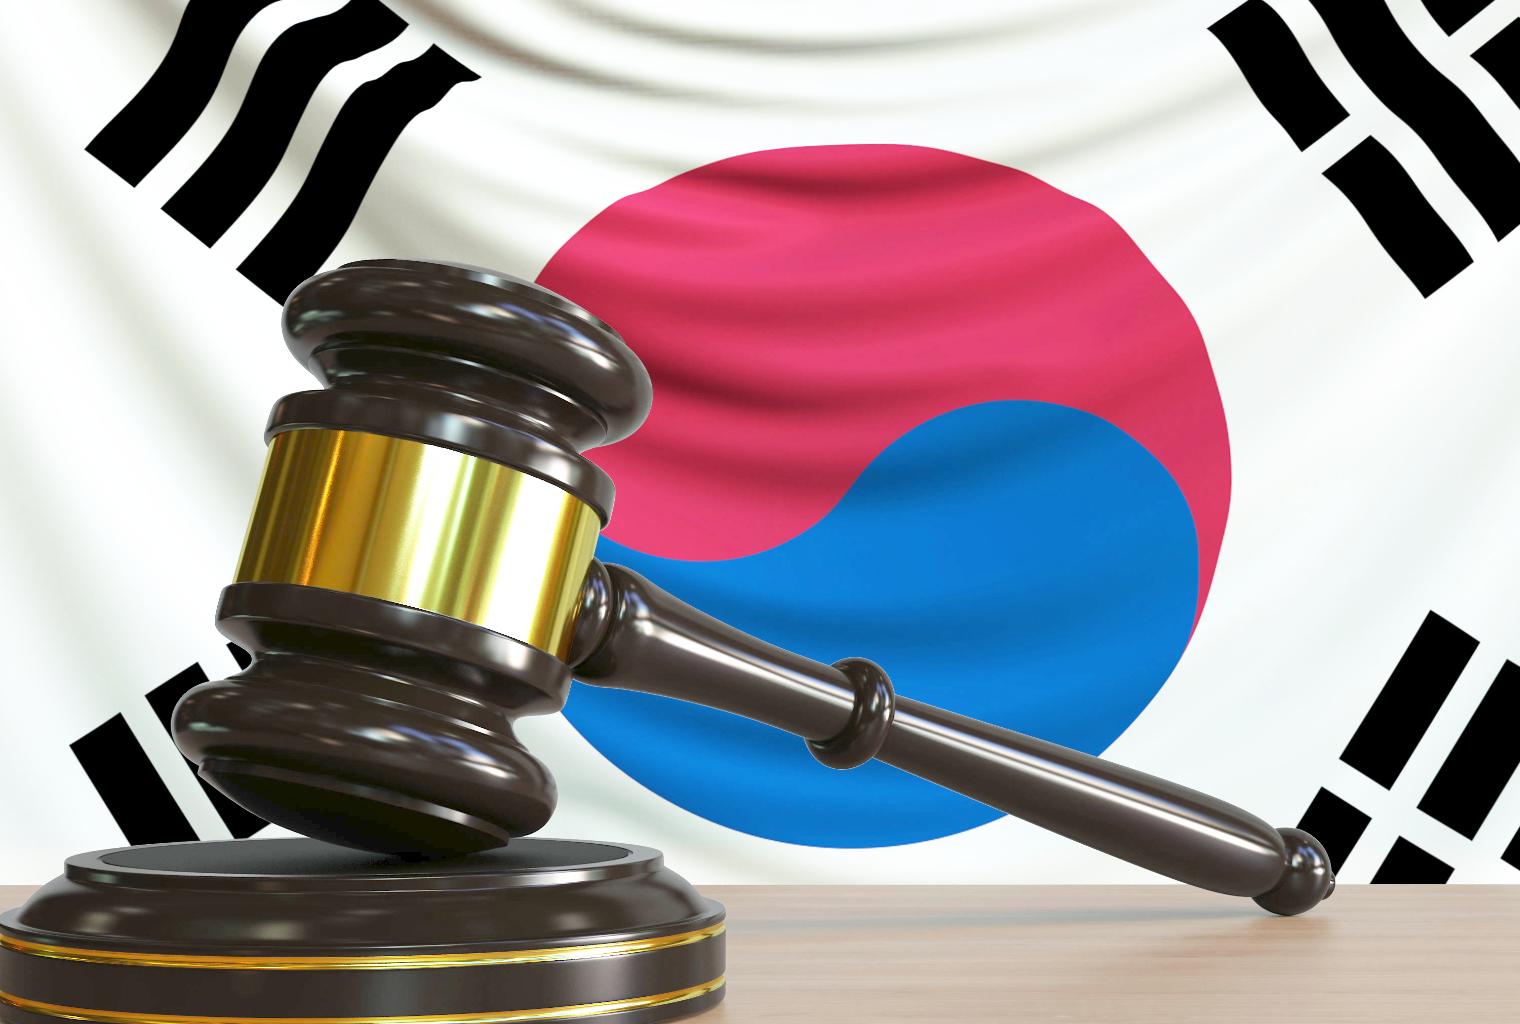 El CEO de la Bolsa de Corea del Sur condenado a 16 años de prisión